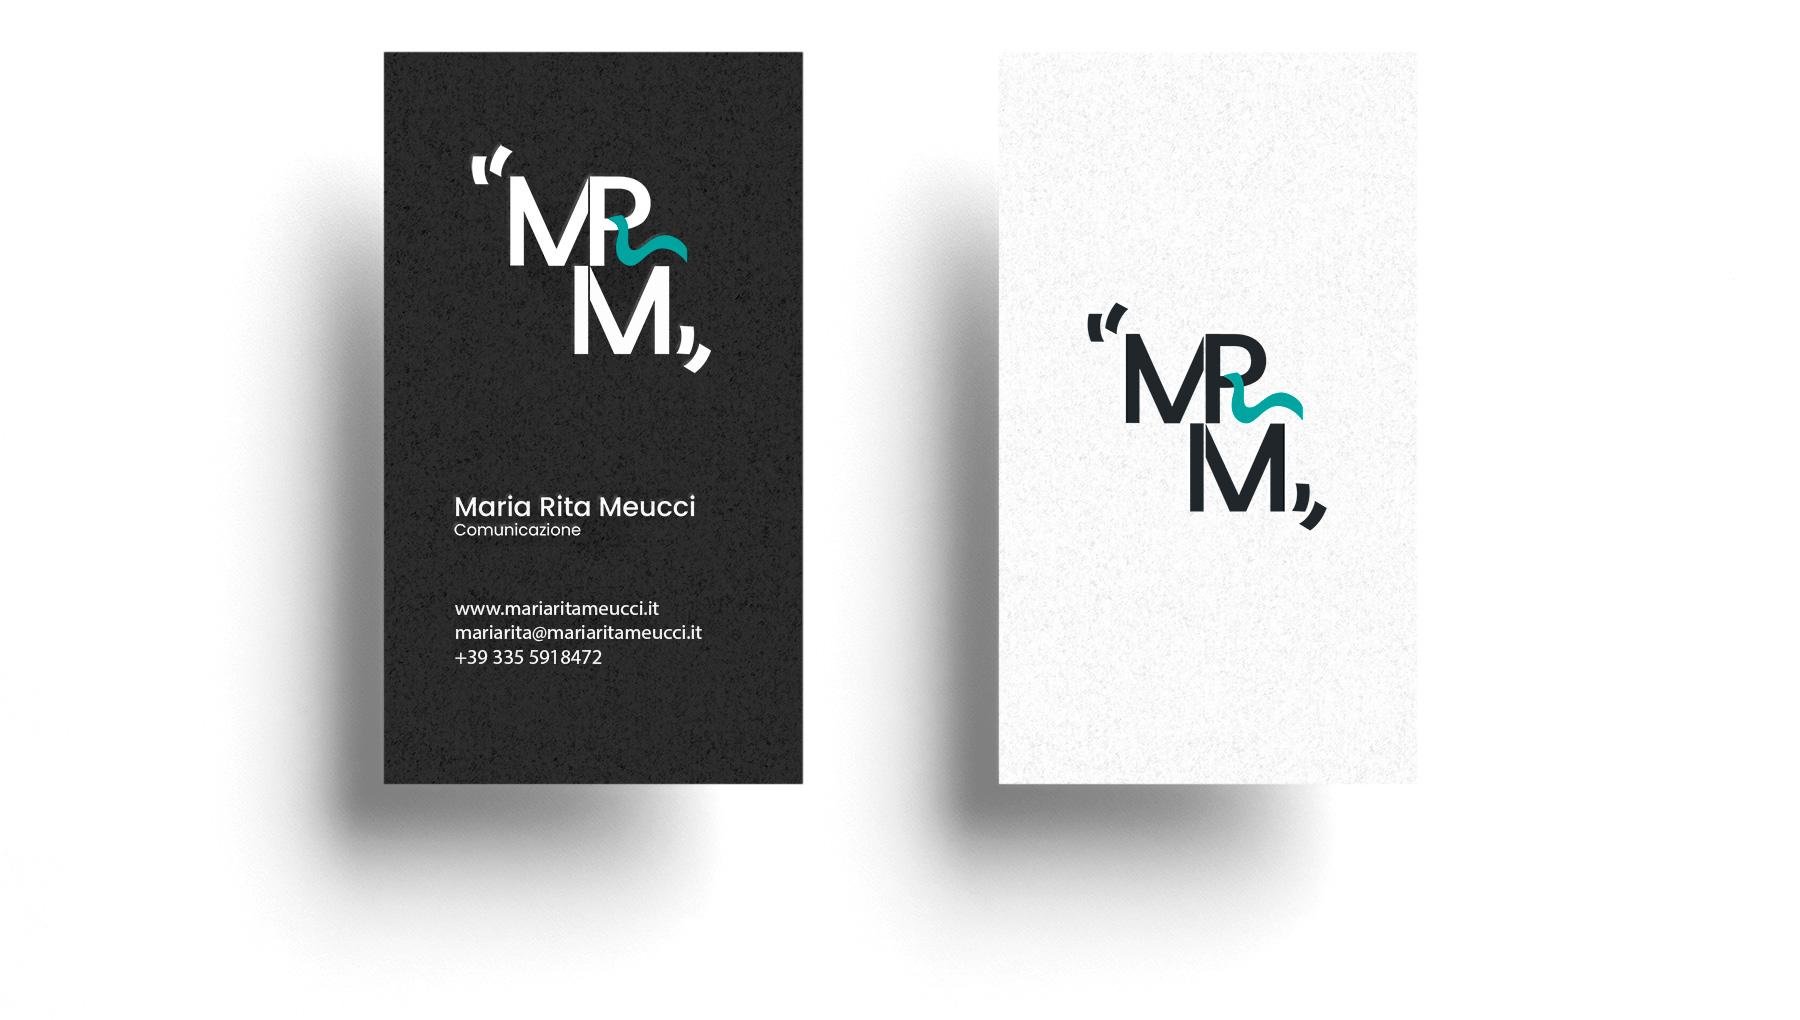 Logo design - Maria Rita Meucci - Comunicazione